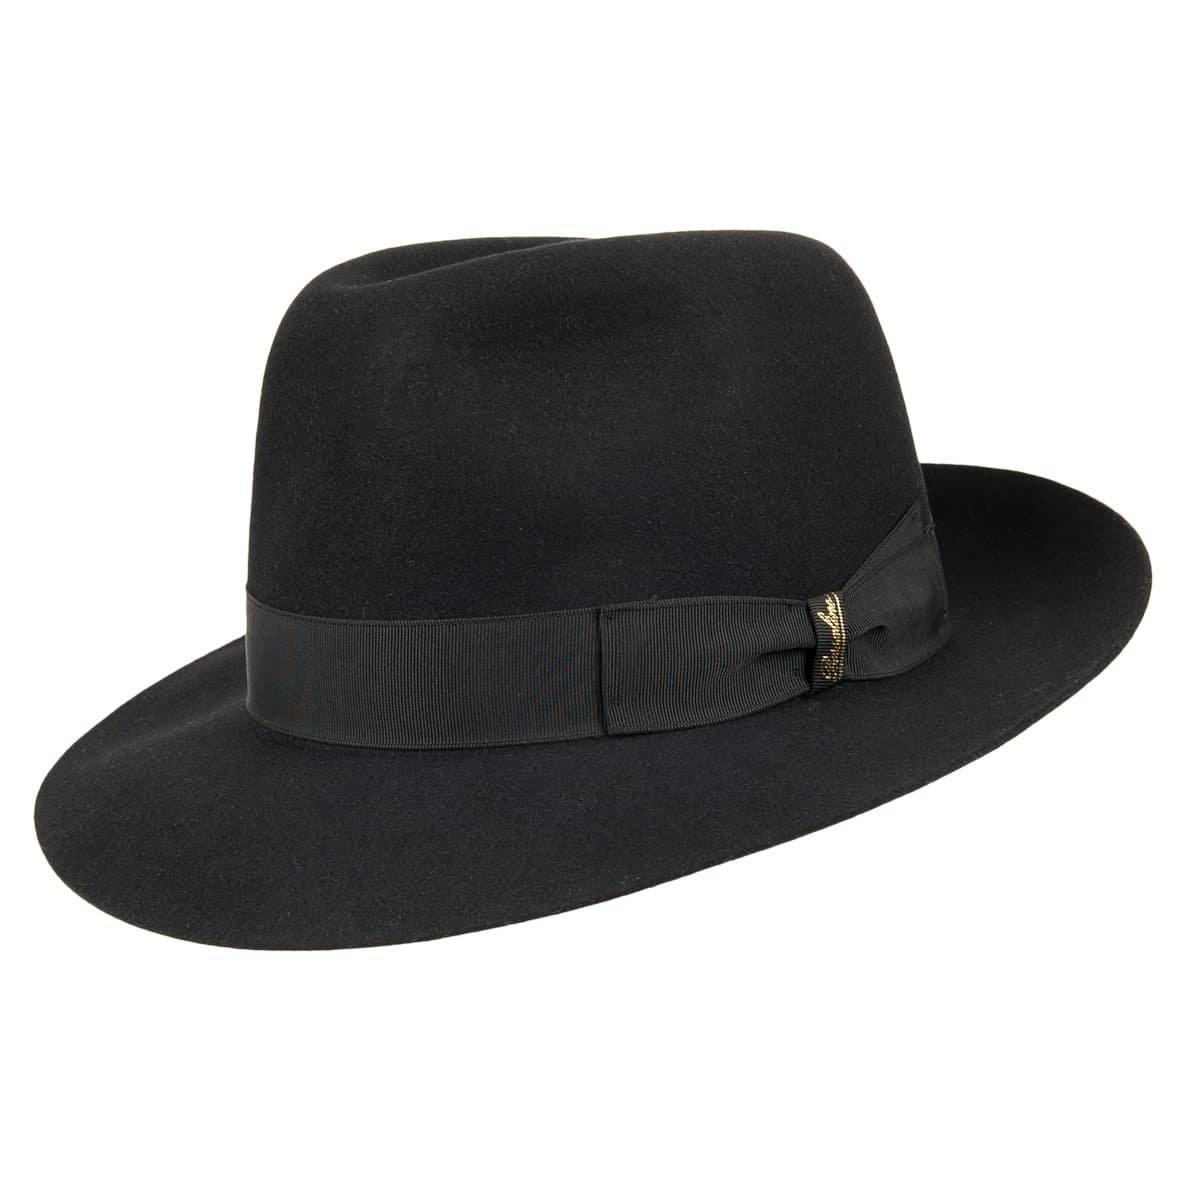 Cappello BORSALINO classico in feltro di lapin ... 310e98daa27f